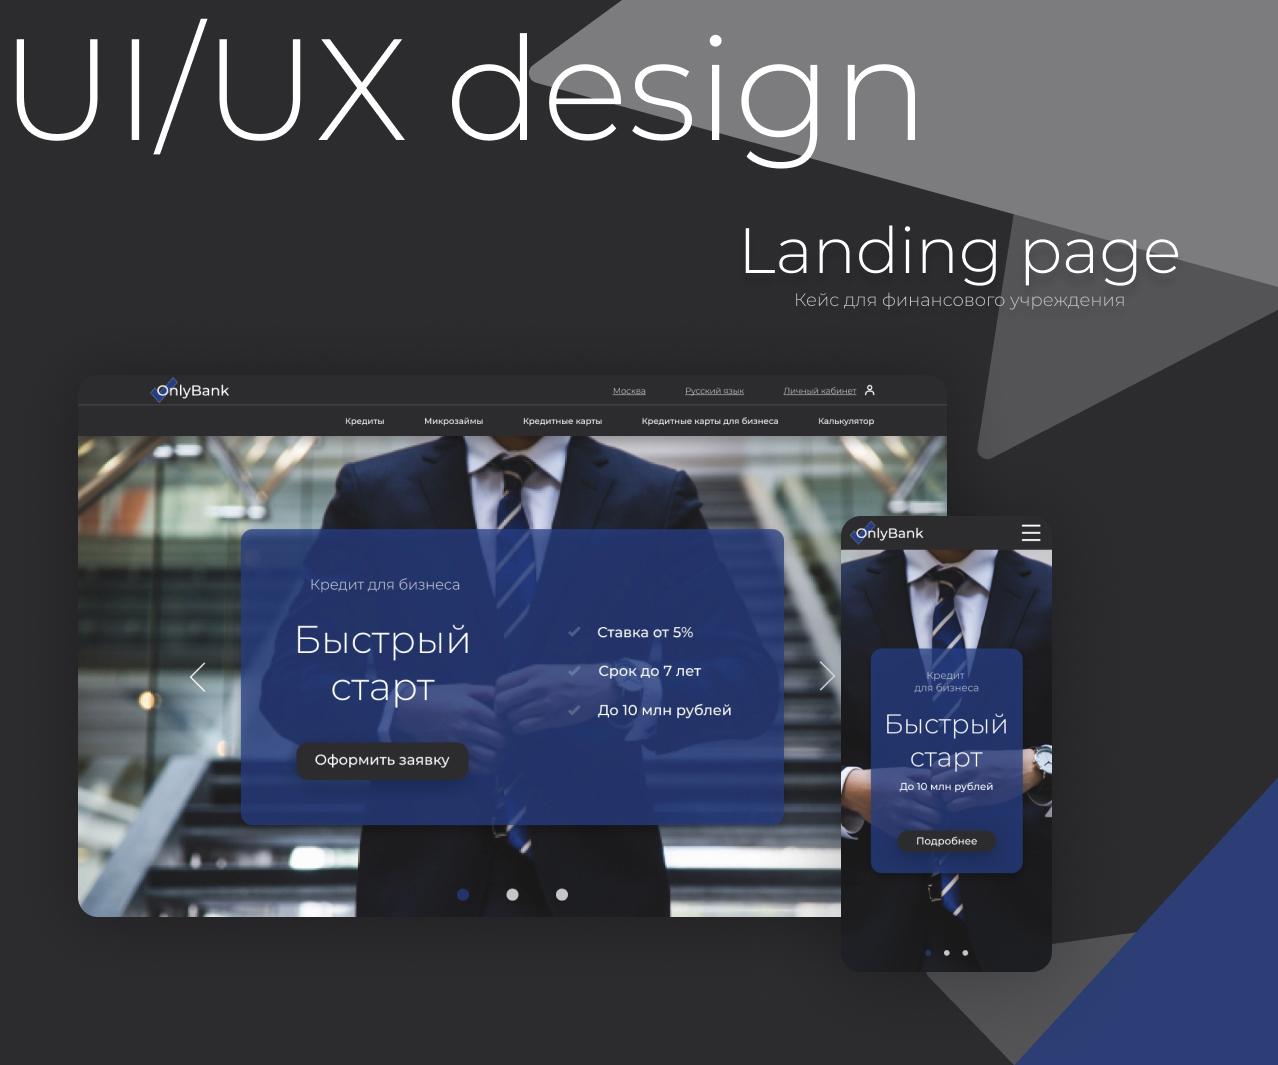 Разработать полностью новый дизайн сайта  фото f_6165fb4b9f1d41ce.jpg